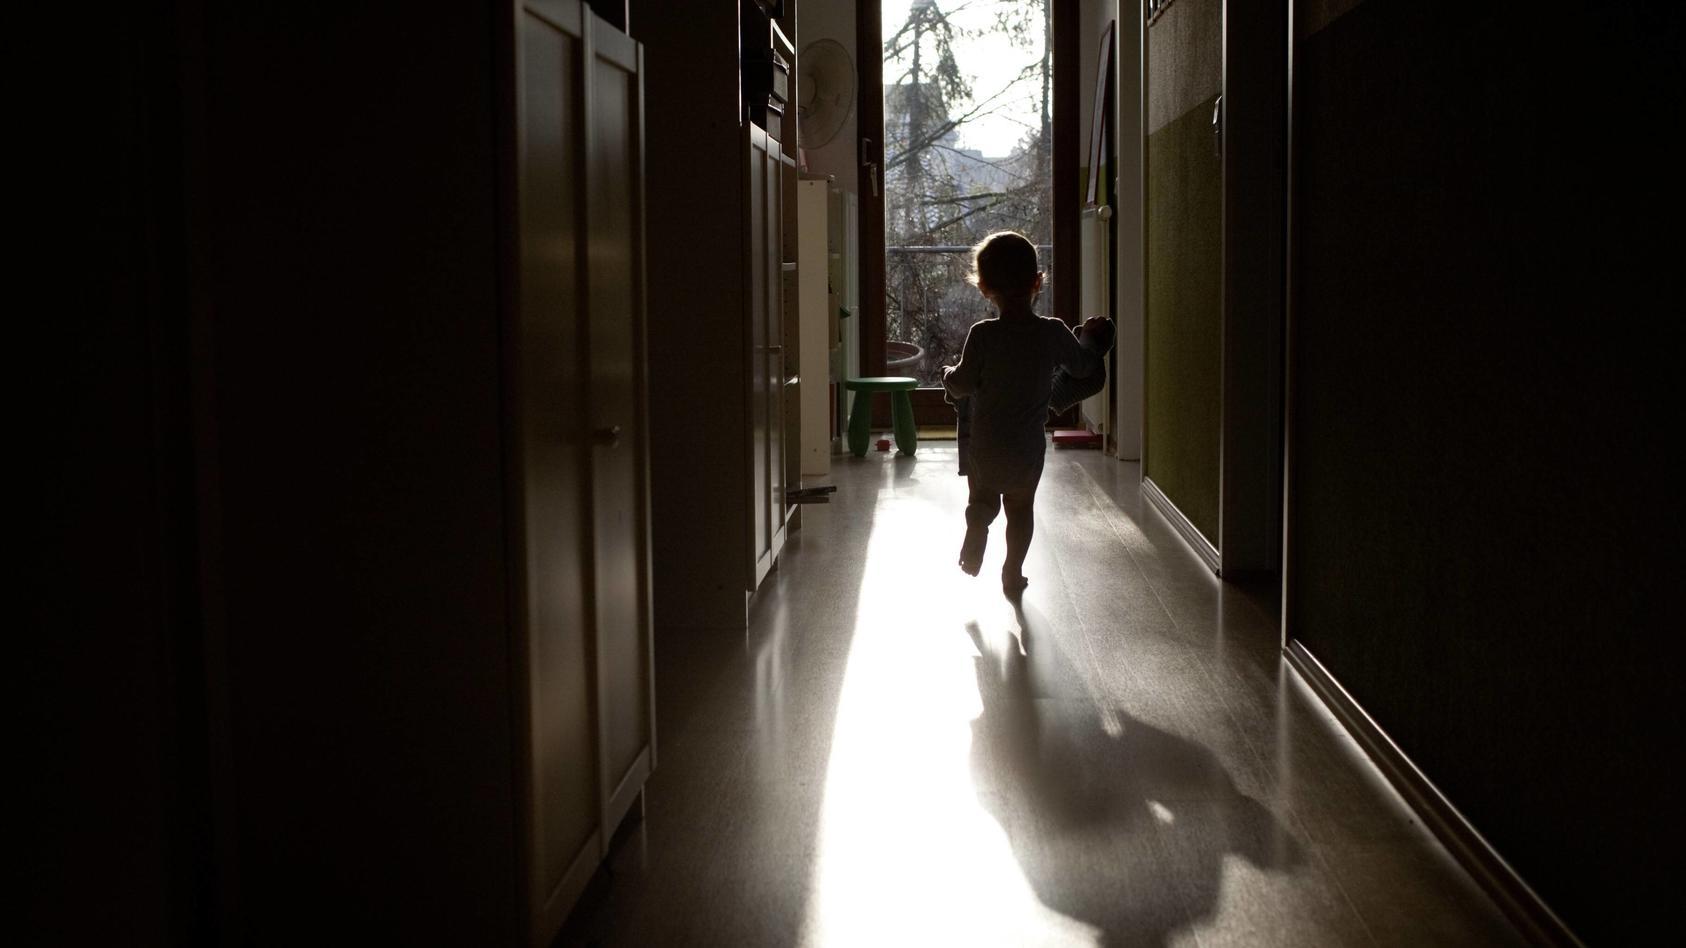 Die Polizei Koblenz wehrt sich gegen Vorwürfe, sexuellen Kindesmissbrauch in einer Kita vertuschen zu wollen (Symbolbild)